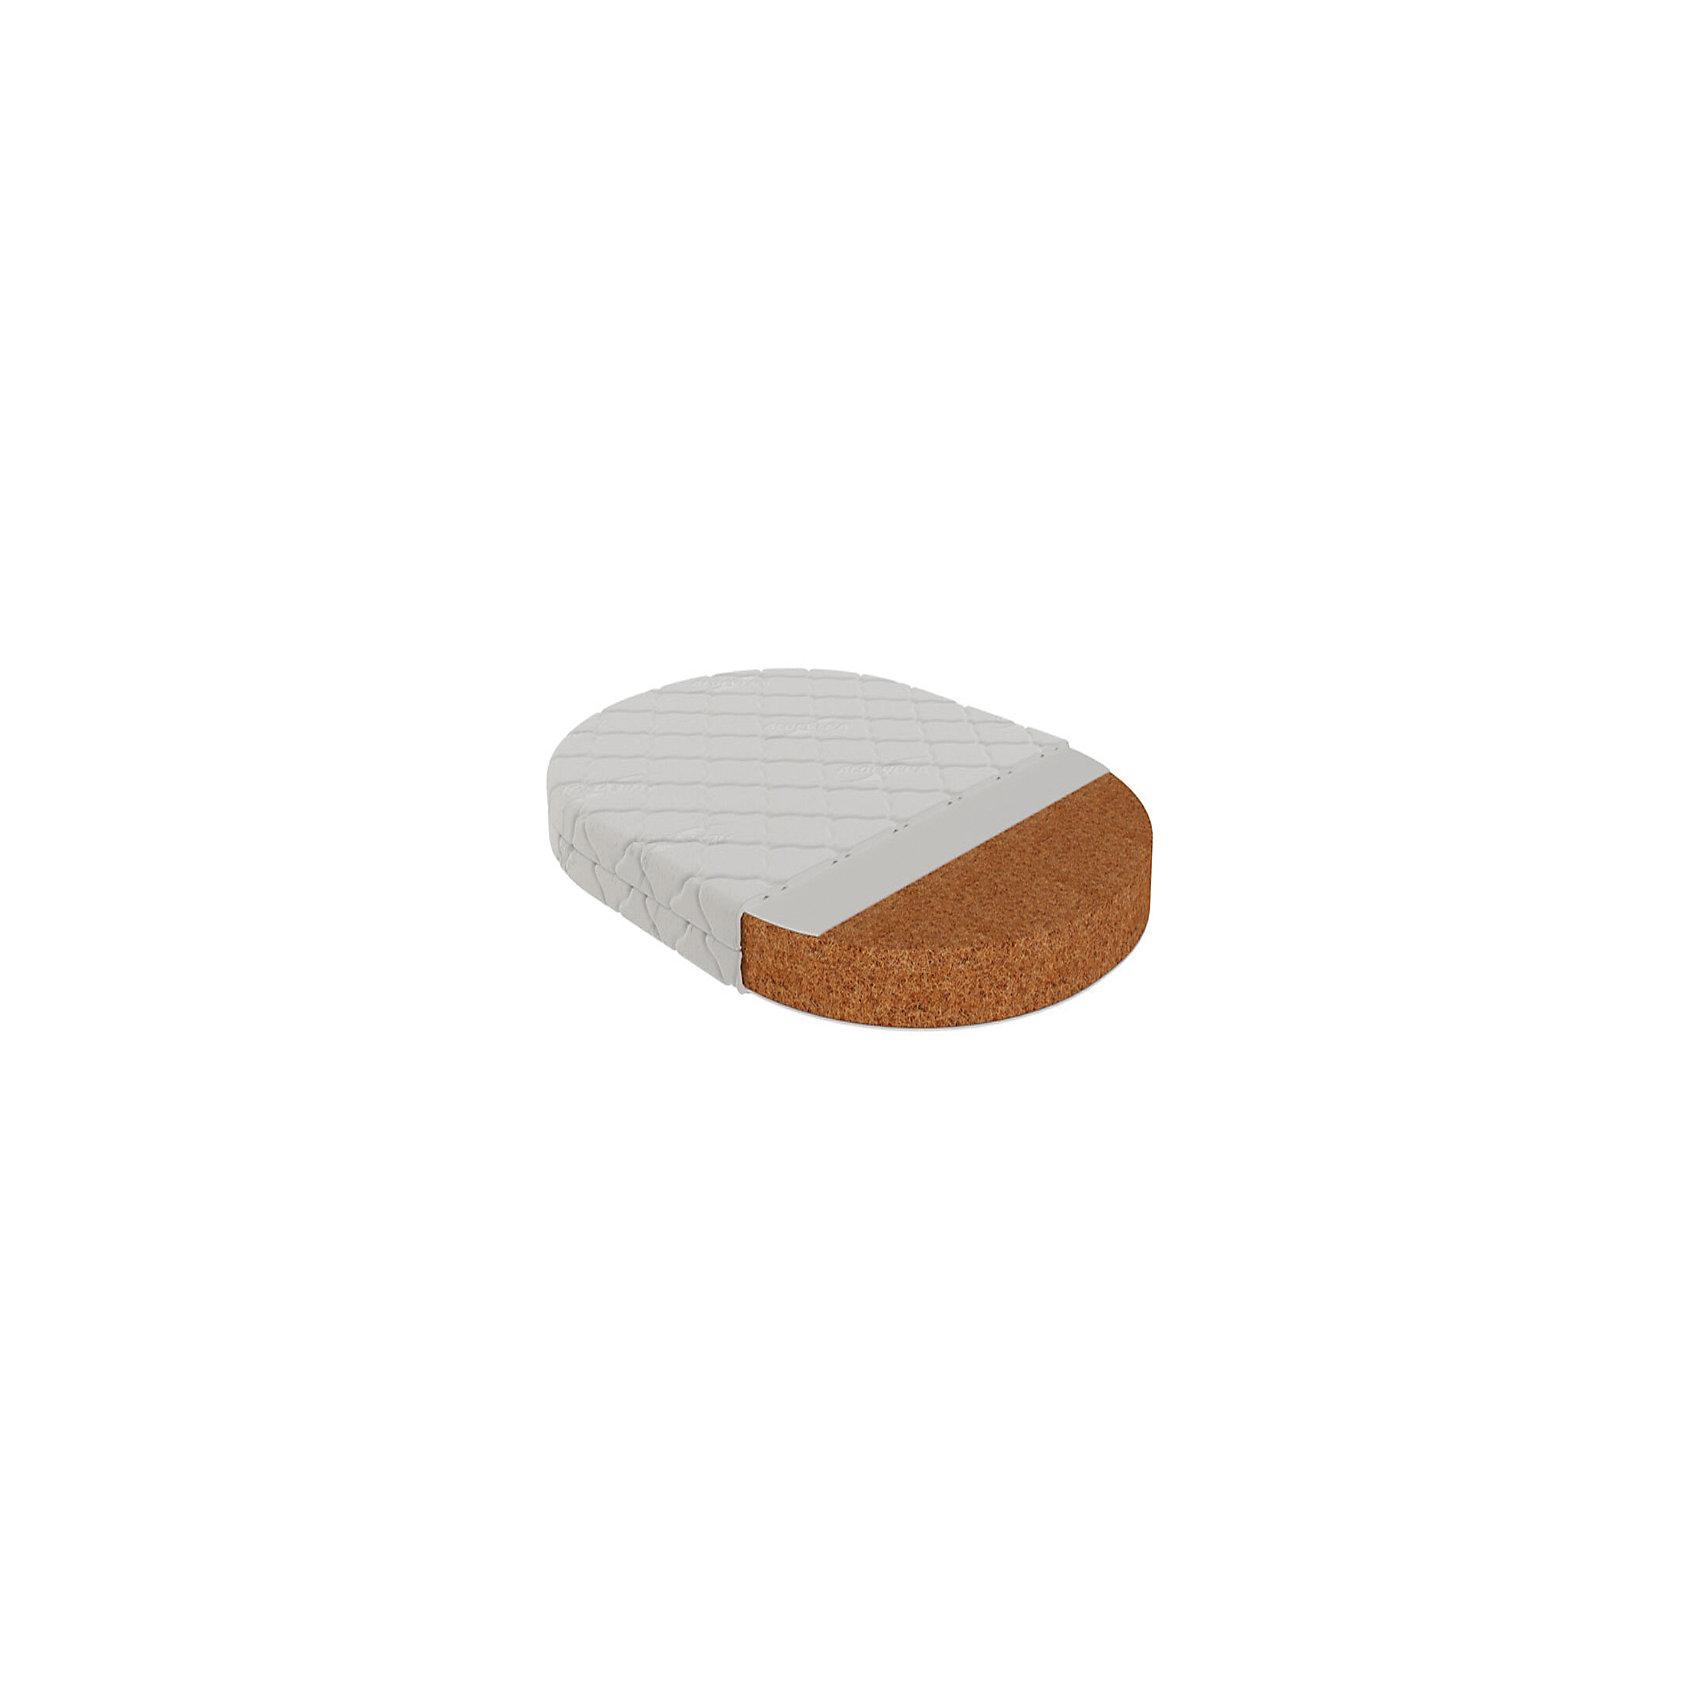 Матрас Перуджа круглый 65х65, VikalexМатрасы<br>Характеристики:<br><br>• двусторонний матрас для пеленального столика;<br>• размер матраса: 65х65х6,5 см;<br>• основа: беспружинный;<br>• материал: кокосовое волокно, 8 слоев, нетканый материал Airotek;<br>• чехол с пропиткой алоэ-вера с защитой от клещей;<br>• стеганый чехол из бязи, застежка-молния;<br>• чехол можно снять и постирать при температуре 30 градусов;<br>• вес матраса: 4,6 кг.<br><br>Матрас одинаково степени жесткости дает возможность укладывать ребенка на ровное жесткое основание, для формирования правильной осанки. Матрас гарантирует комфорт и при этом анатомически правильную поддержку позвоночника ребенка. Эластичность и прочность матраса наряду с гипоаллергенностью и воздухопроницаемостью отвечает самым высоким европейским стандартам.  <br><br>Матрас Перуджа круглый 65х65, Vikalex можно купить в нашем магазине.<br><br>Ширина мм: 530<br>Глубина мм: 130<br>Высота мм: 580<br>Вес г: 3200<br>Возраст от месяцев: 0<br>Возраст до месяцев: 36<br>Пол: Унисекс<br>Возраст: Детский<br>SKU: 5353868